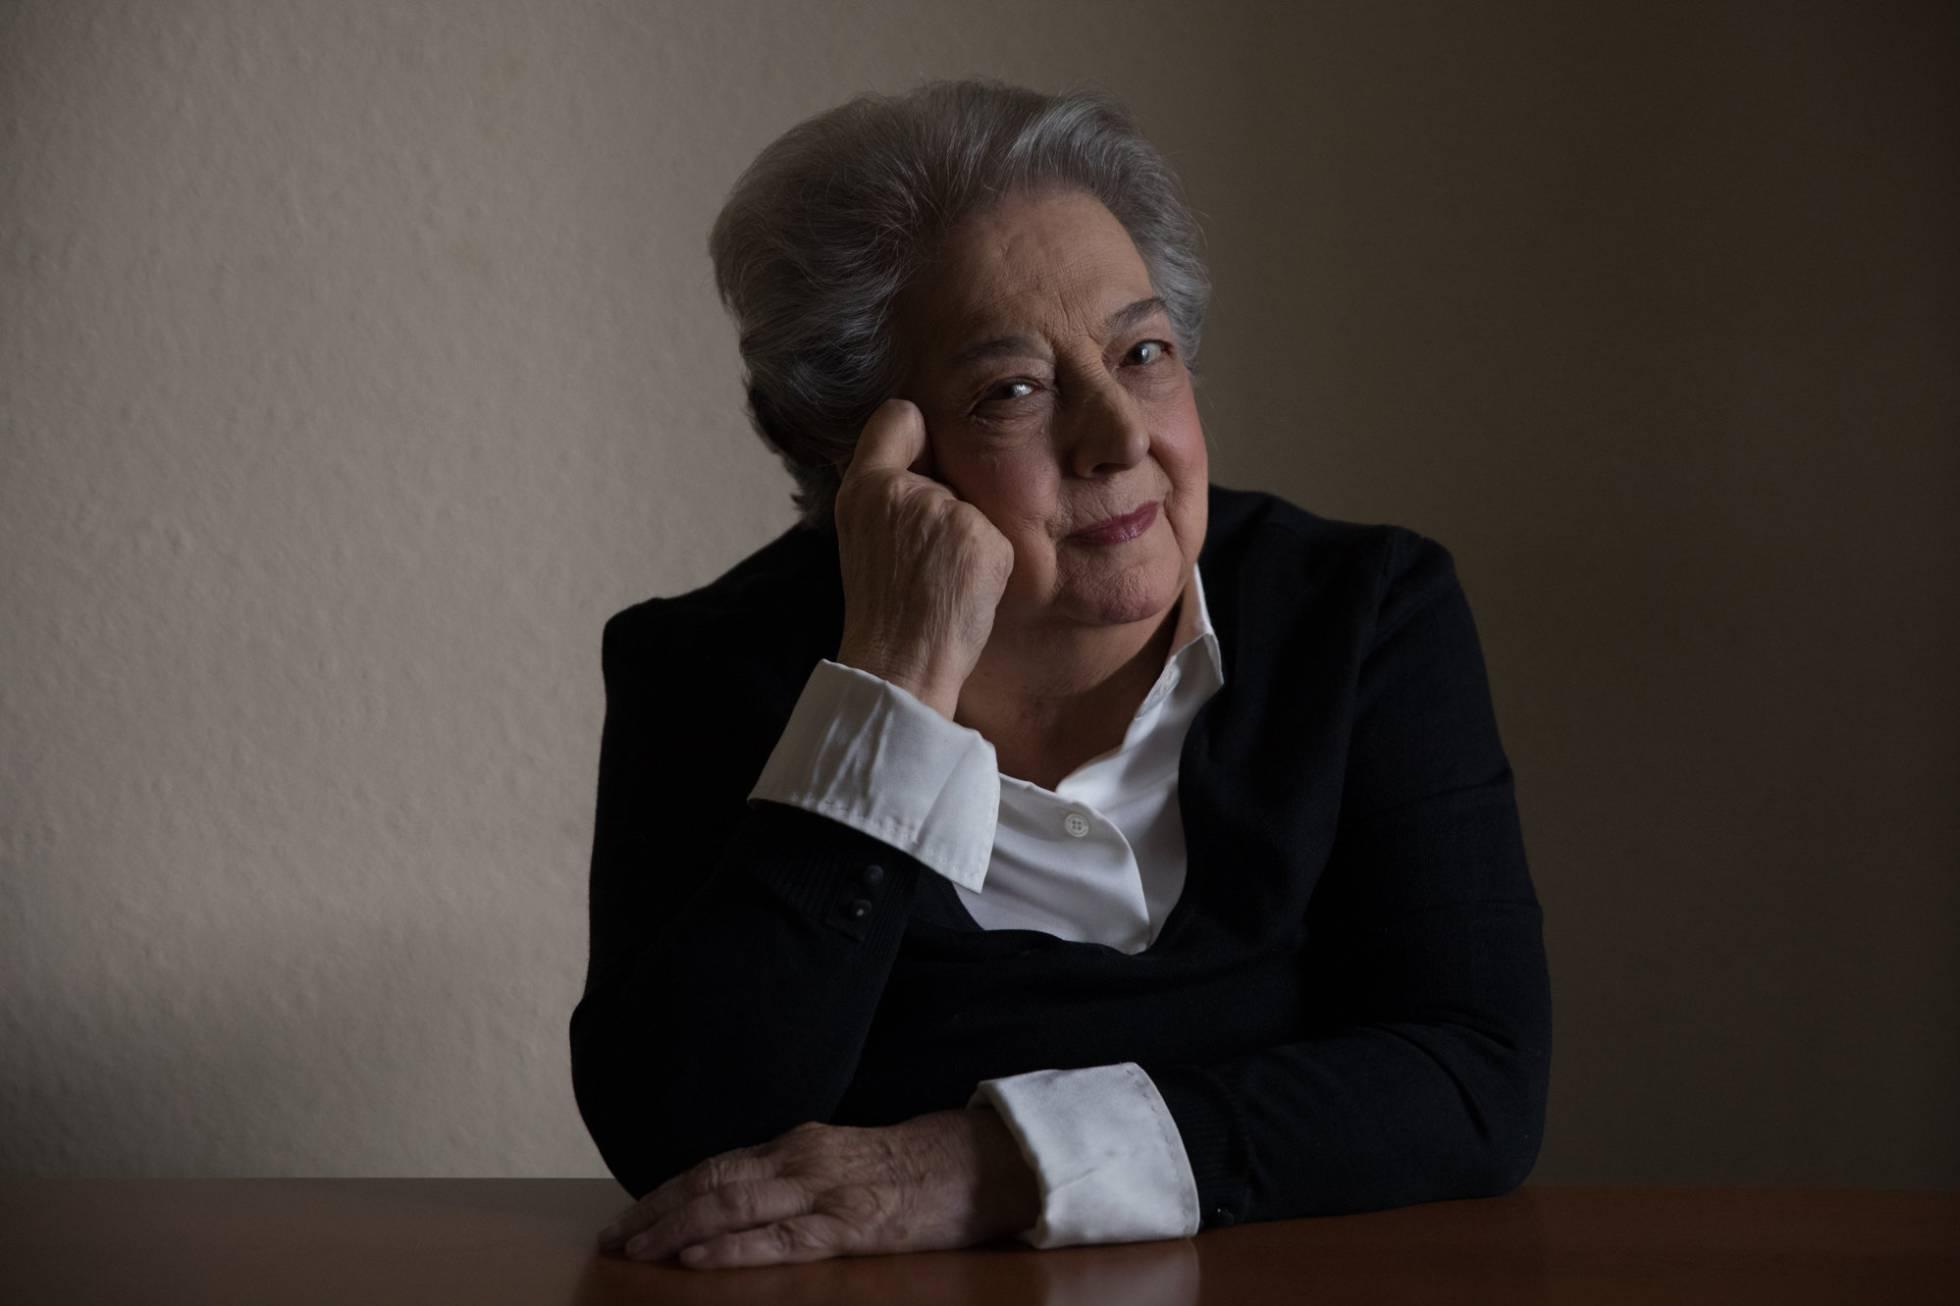 La activista feminista Ana Maria Pérez del Campo en Madrid VICTOR SAINZ